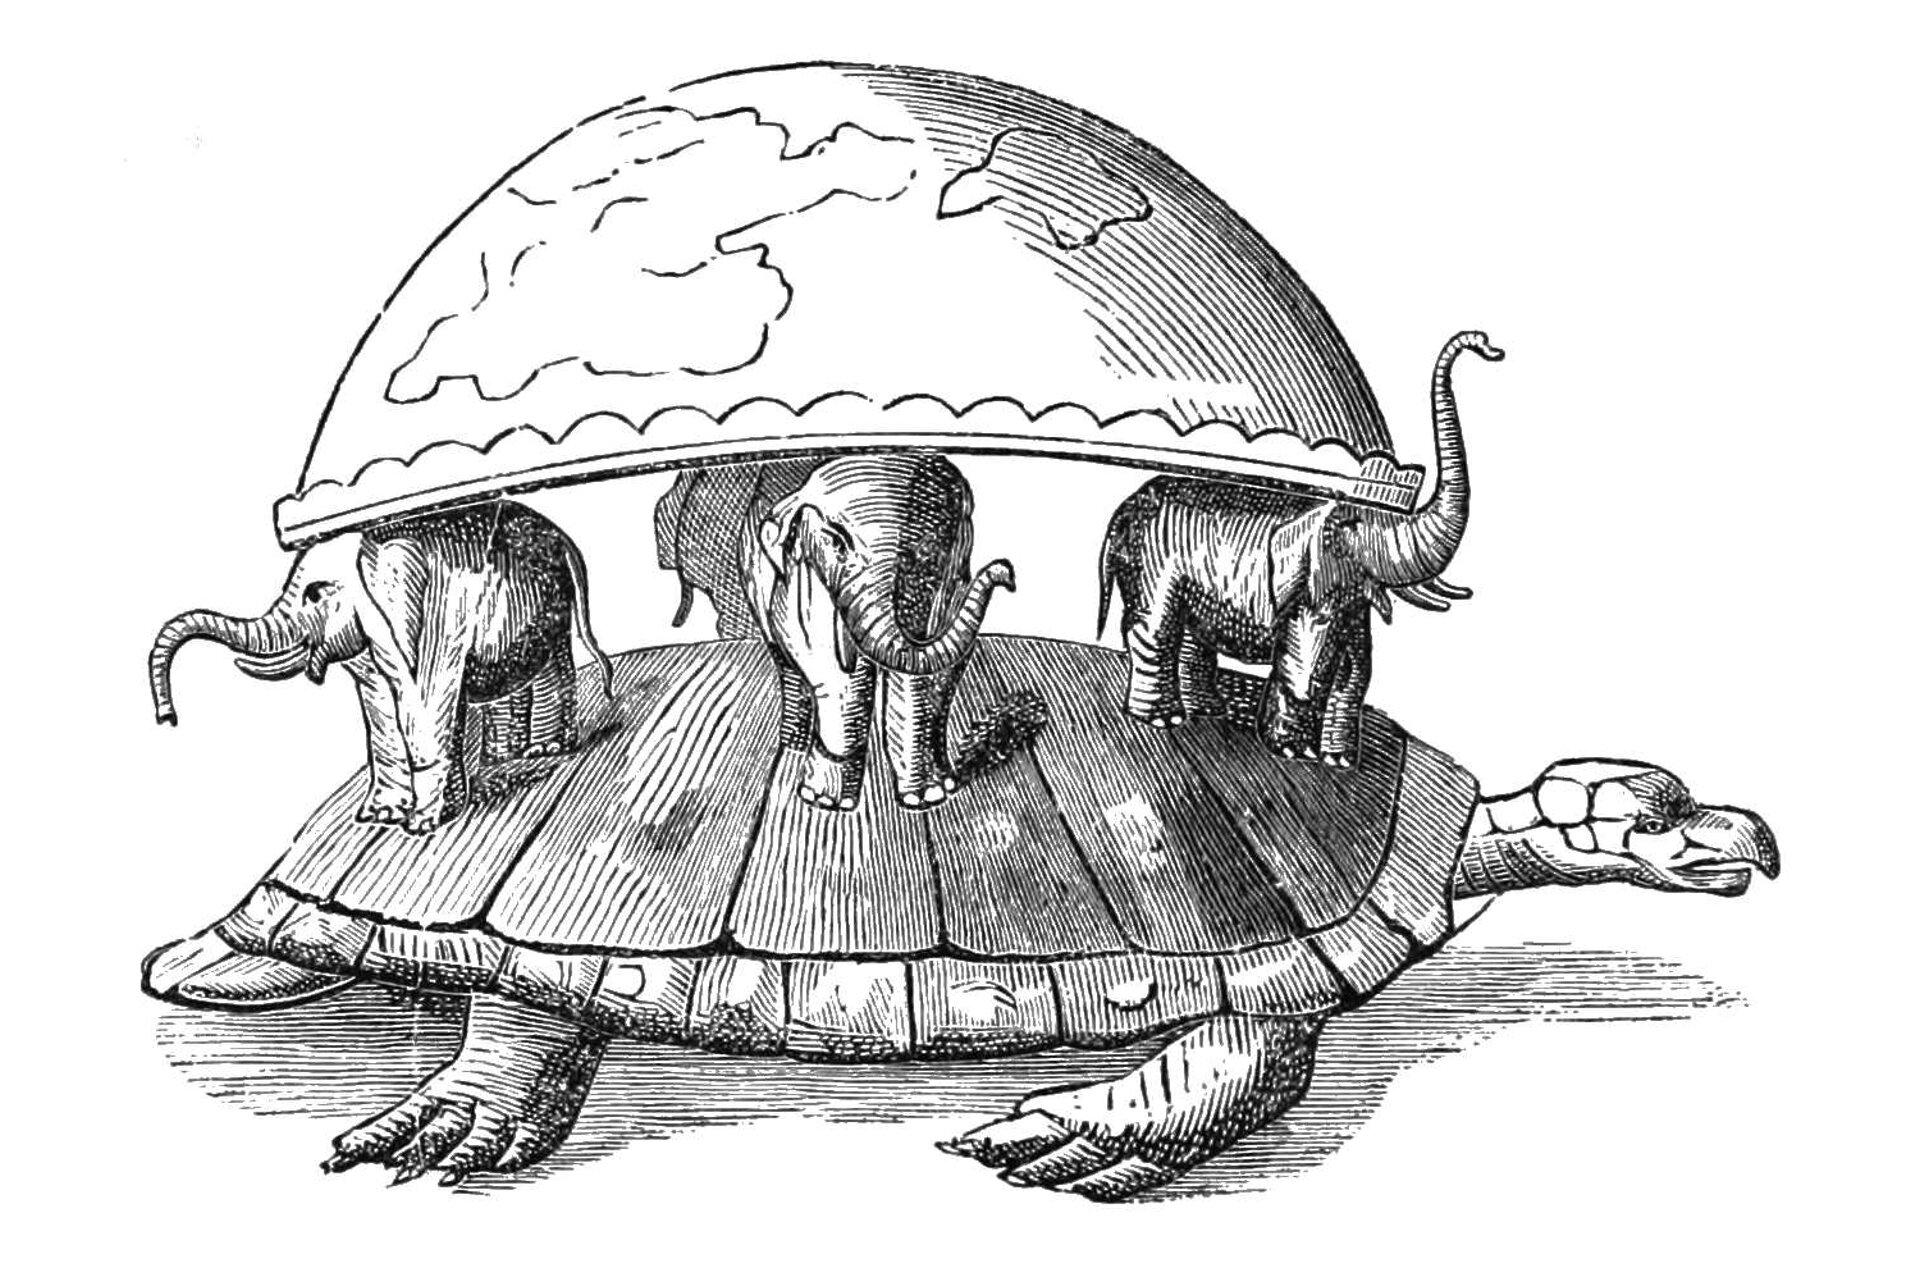 Galeria składająca się ztrzech ilustracji. Pierwsza ilustracja przedstawia dawne wyobrażenie kształtu Ziemi. Podstawą biało-czarnego rysunku jest duży żółw ogłowie skierowanej wprawo. Na skorupie żółwia znajdują się cztery słonie, które stoją wrównych odstępach od siebie. Układ słoni wskazuje główne kierunki świata. Słoń po prawej to wschód, po lewej to zachód. Słoń wśrodku to południe, aten ztyłu to północ. Ustawienie słoni przypomina również układ na tarczy zegara. Słonie stoją odpowiednio na dwunastej, trzeciej, szóstej idziewiątej. Ich trąby skierowane są wgórę. Słonie podtrzymują spłaszczoną Ziemię, podobną do zaokrąglonej misy, przykrytej płaską pokrywą, odwróconej do góry dnem. Na ich grzbietach umieszczona jest płaska podstawa Ziemi – pokrywa. Od podstawy rozpościera się kopuła – misa. Na okrągłej kopule widoczne są kontury kontynentów.